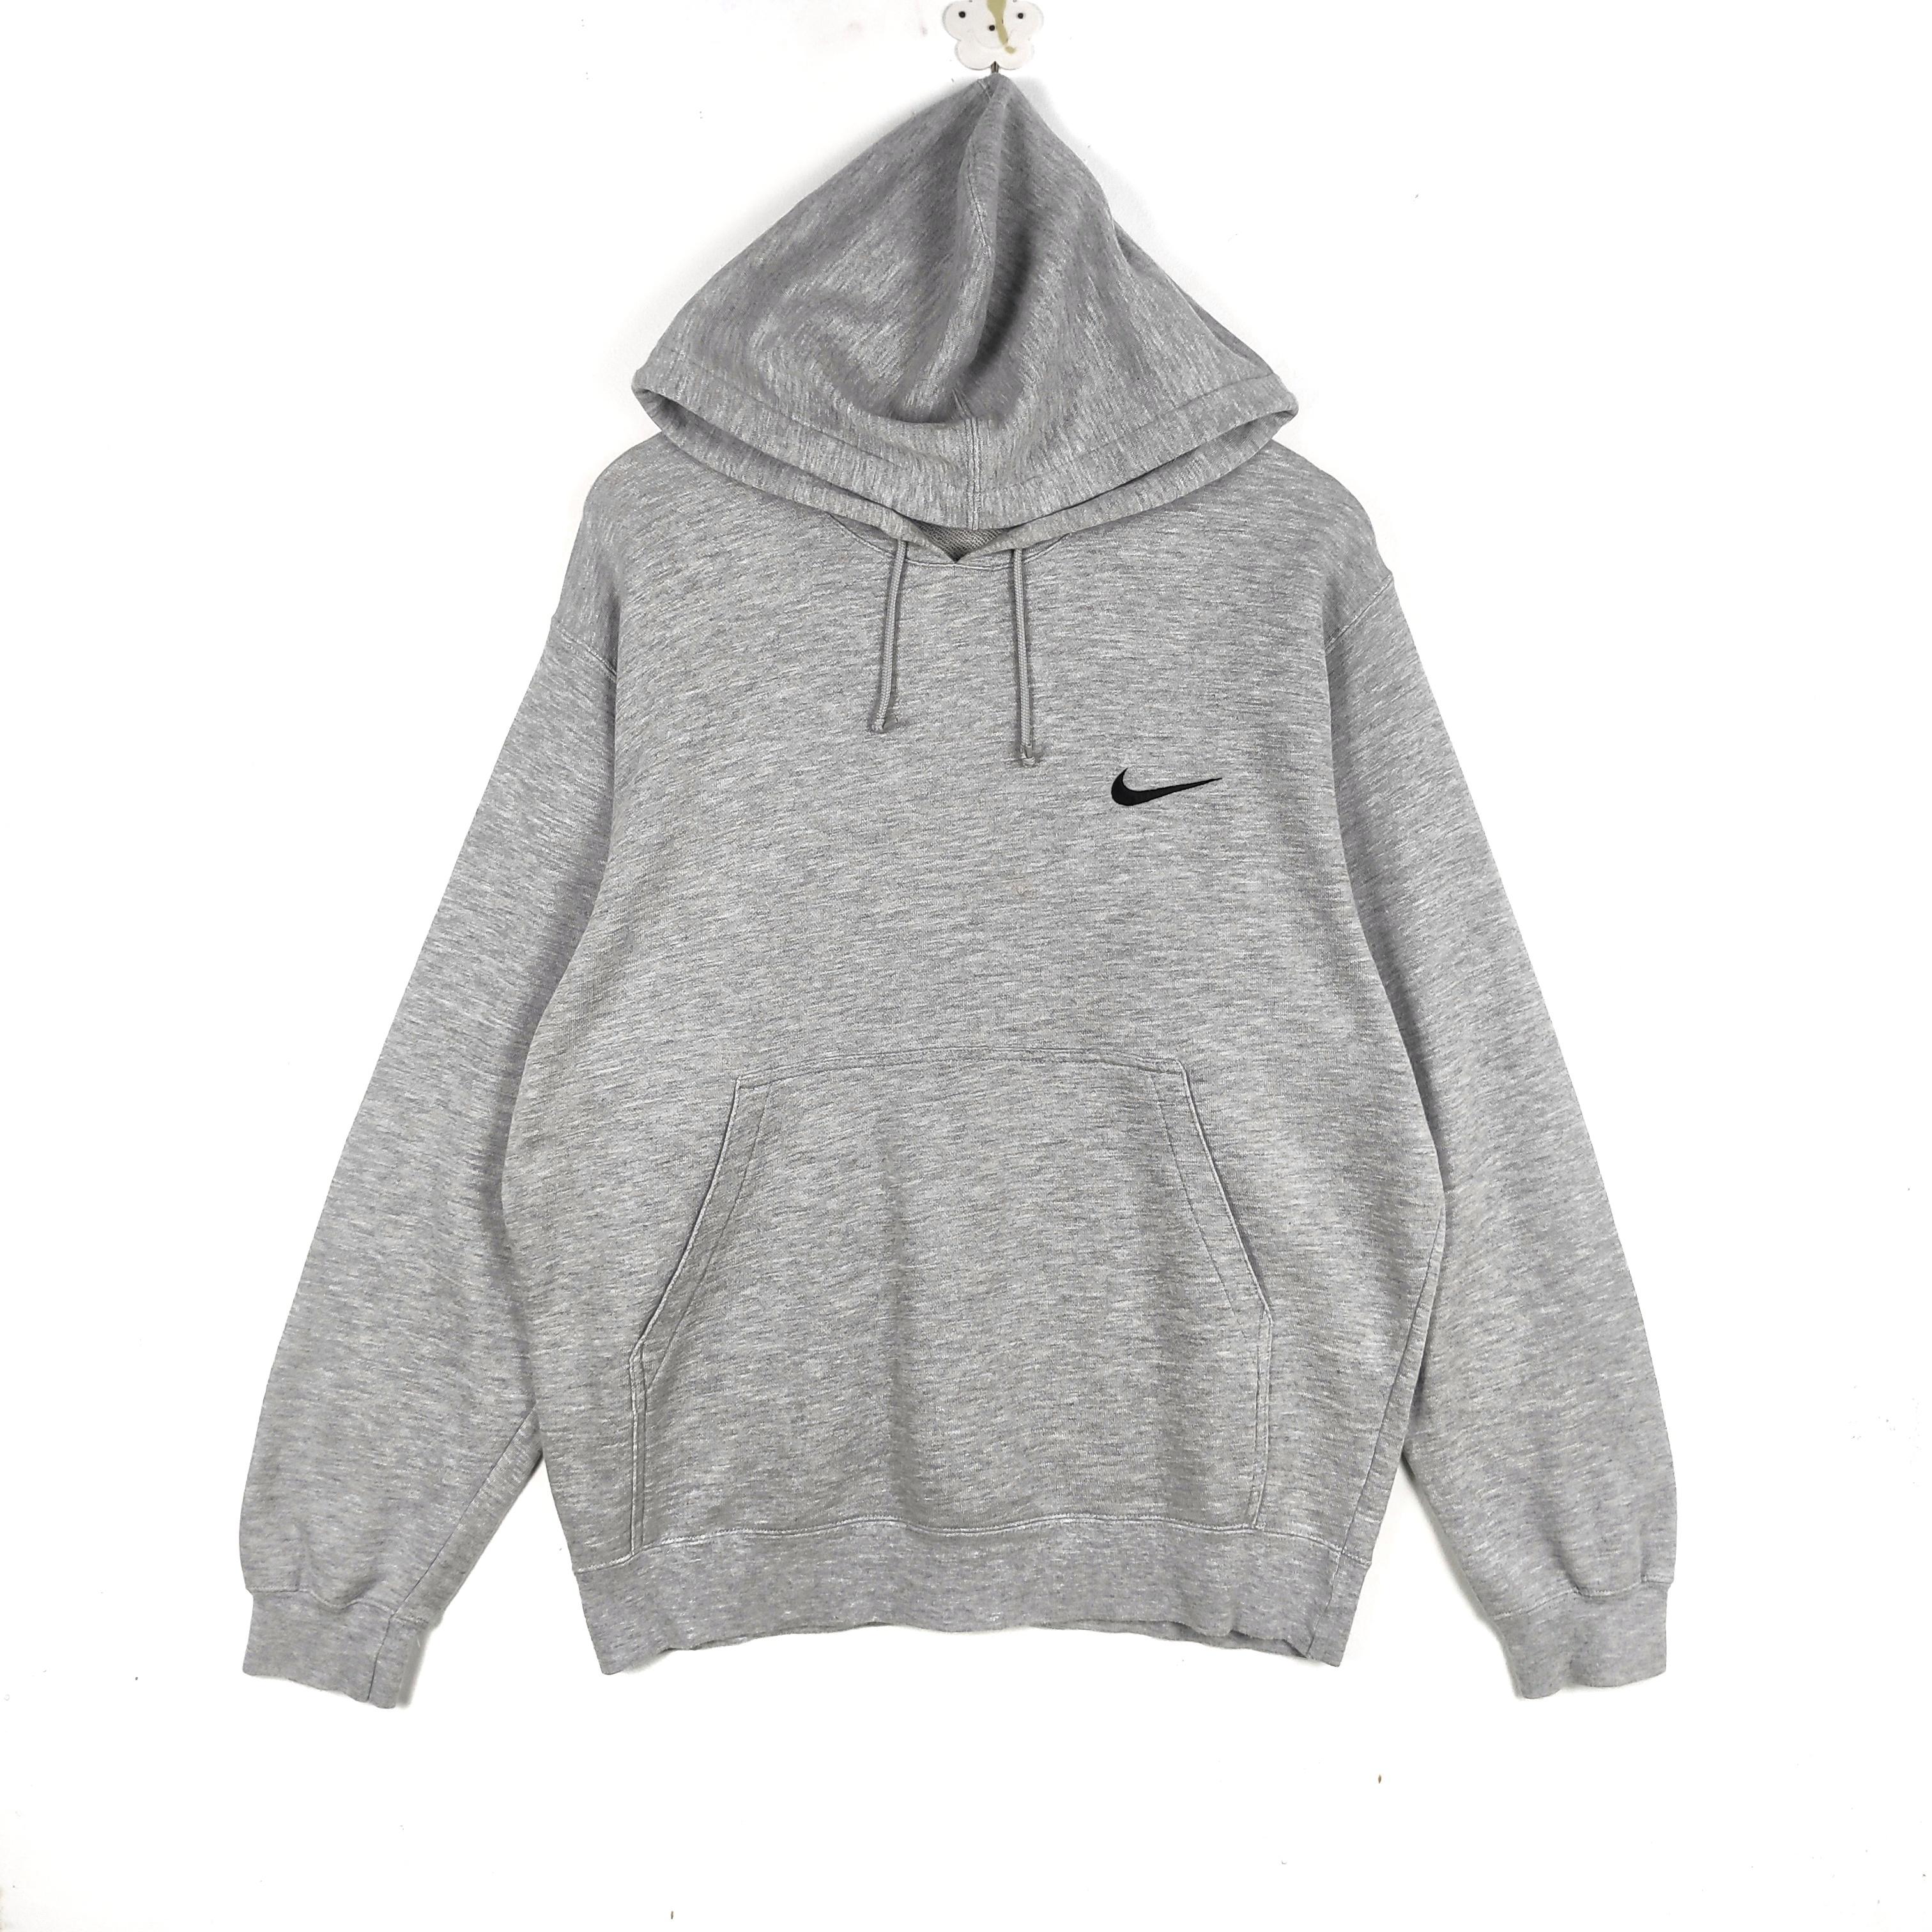 nike 90s sweater